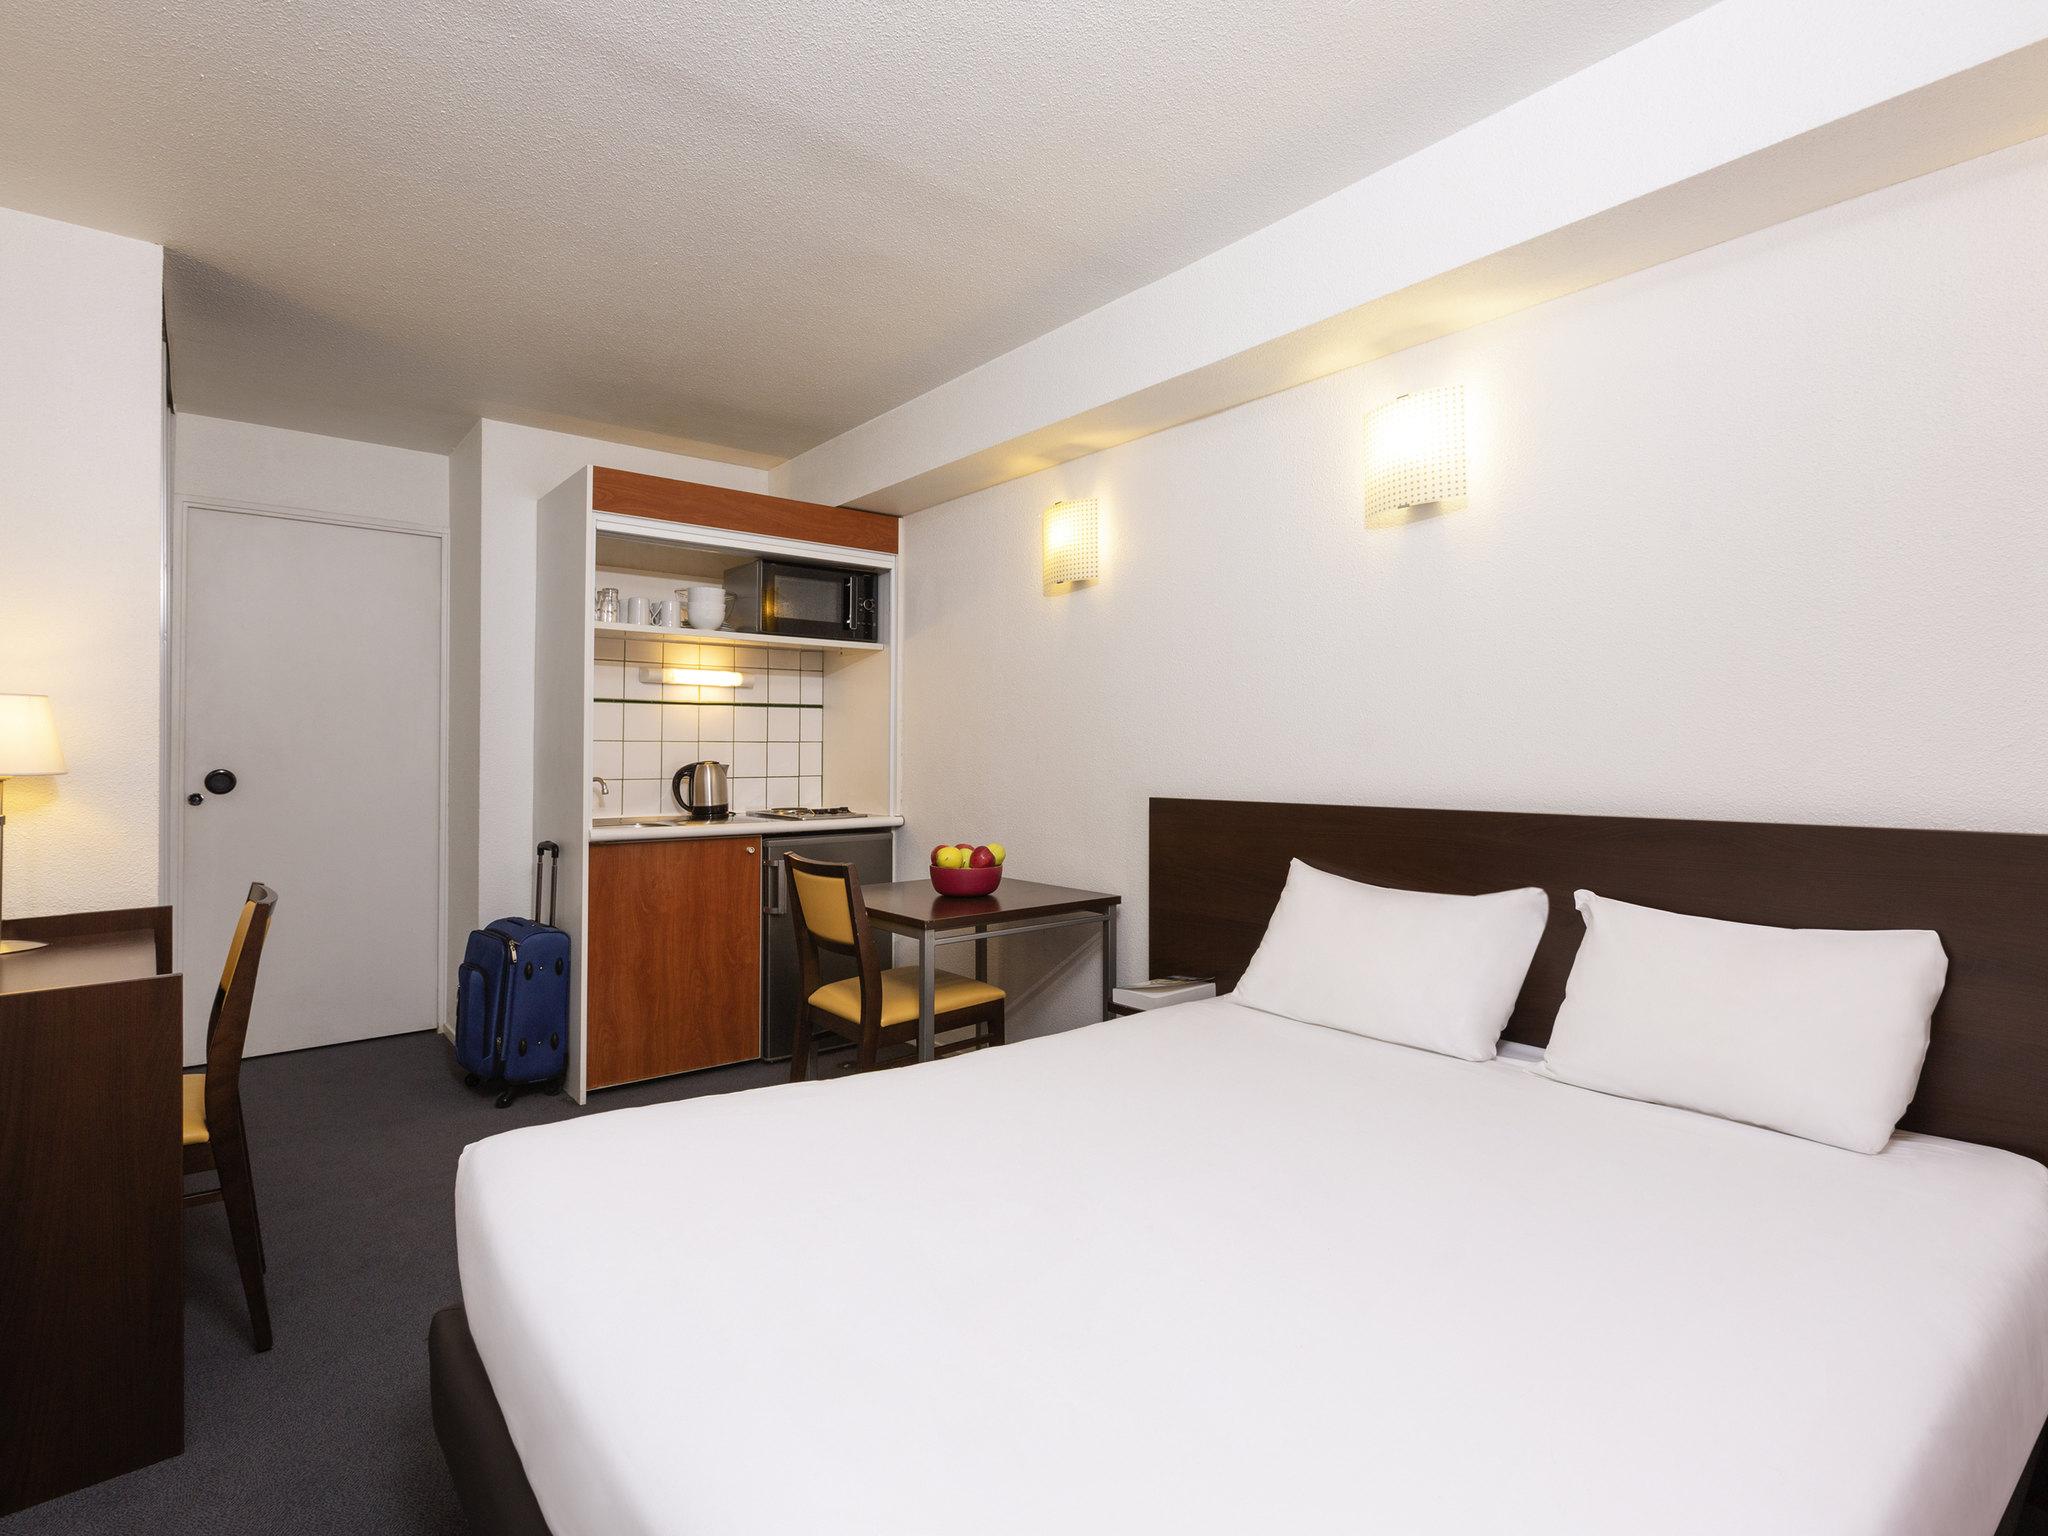 فندق - الشقق الفندقية Adagio access لاديفانس ليونار دو فينشي.